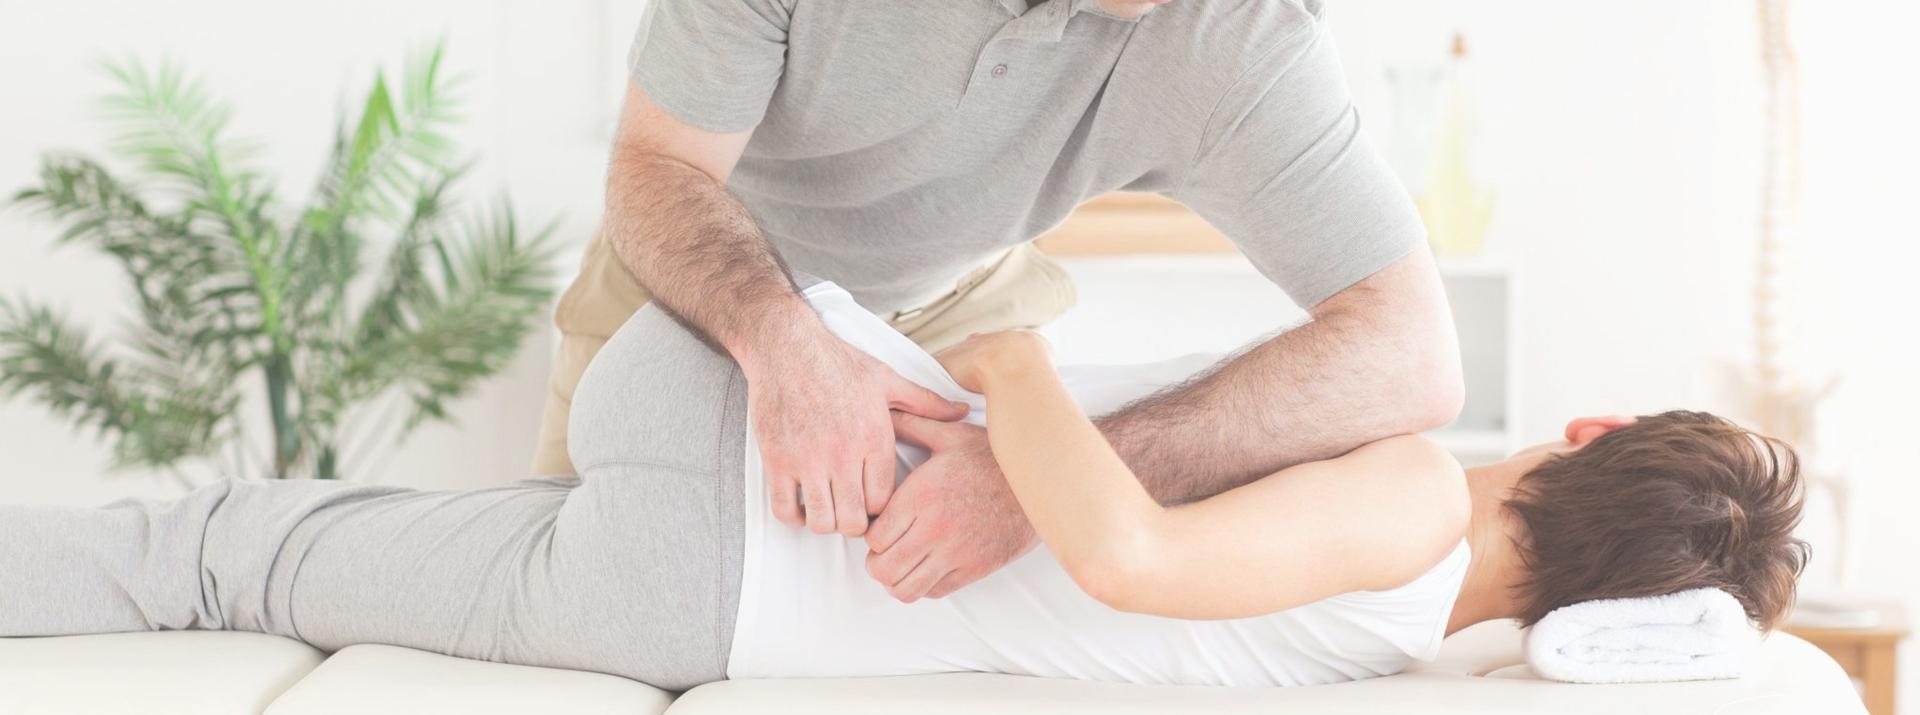 Behandeling van patiënten met klachten aan de wervelkolom en de gewrichten in armen en benen.